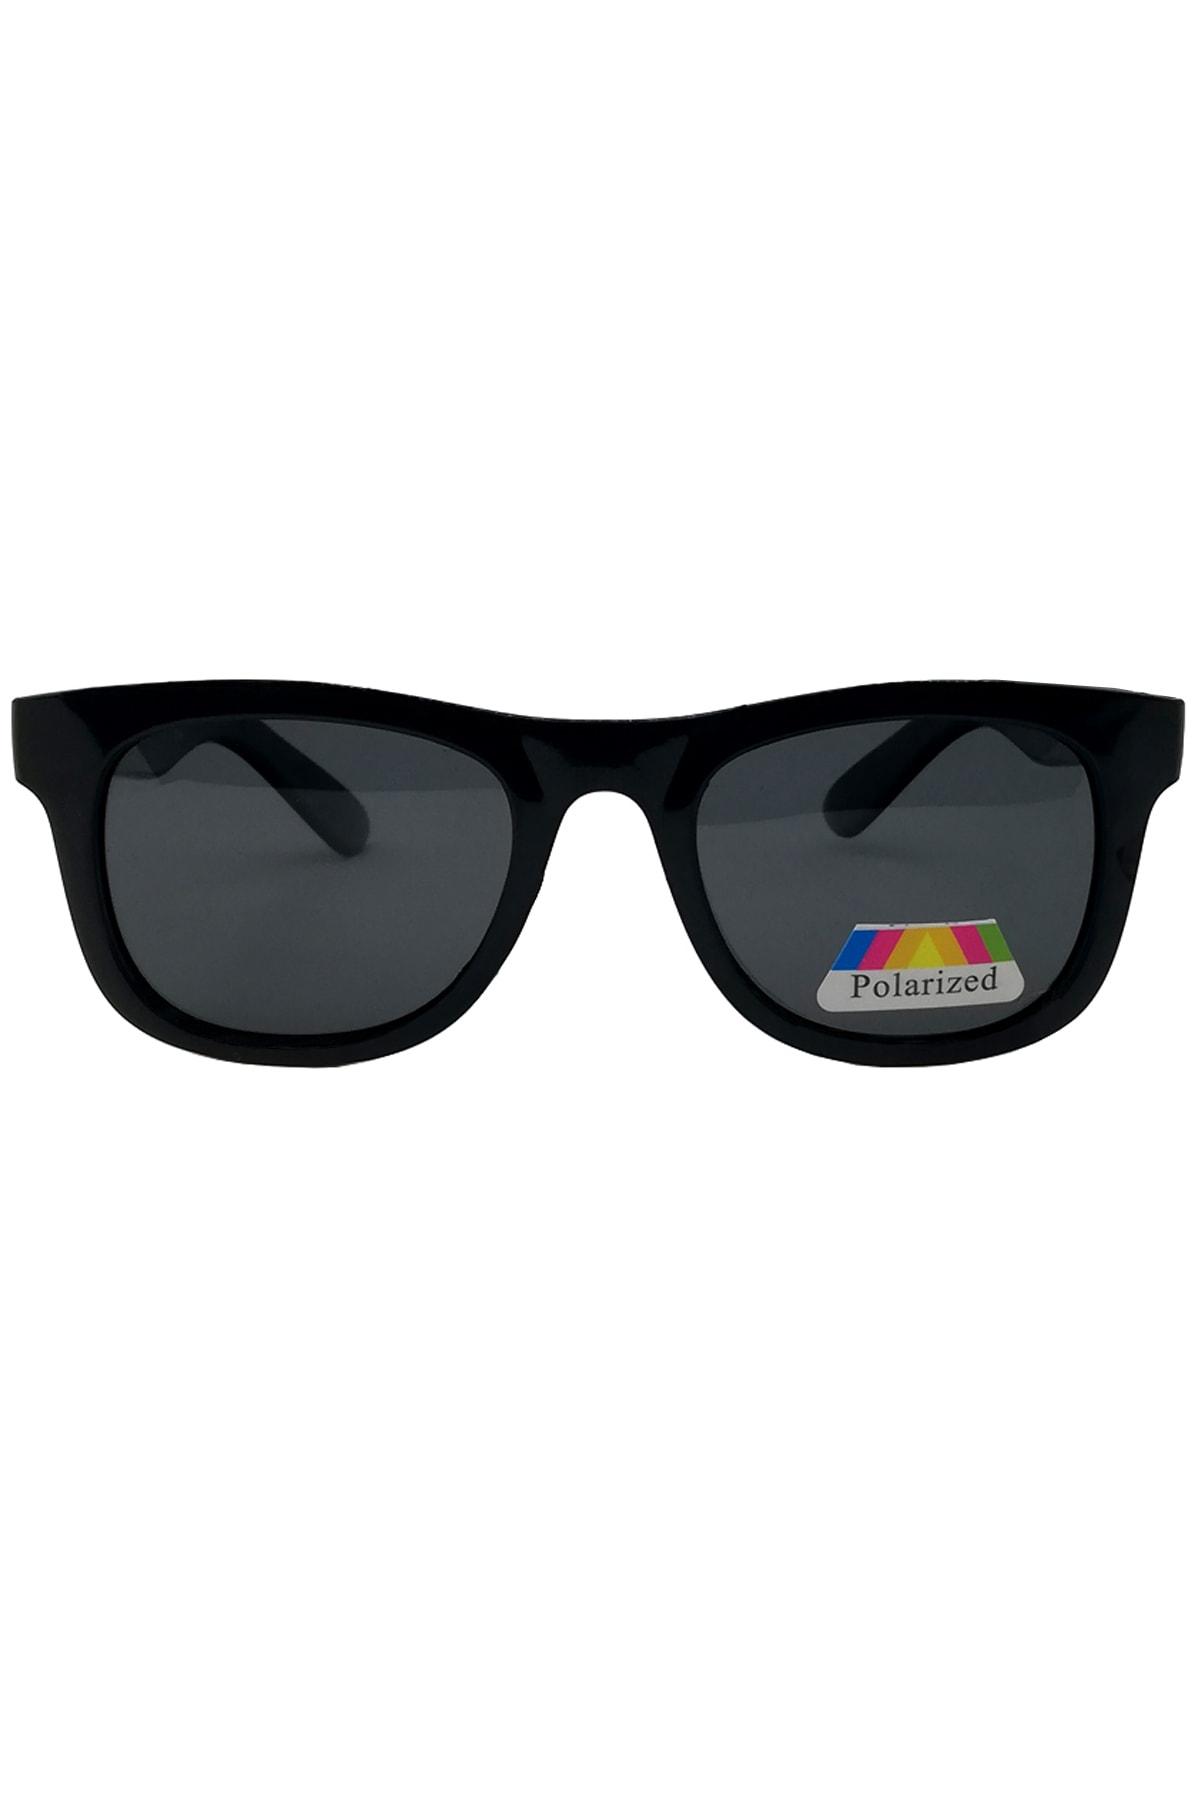 خرید غیر حضوری عینک آفتابی از ترکیه برند sezerekspres رنگ مشکی کد ty68519748